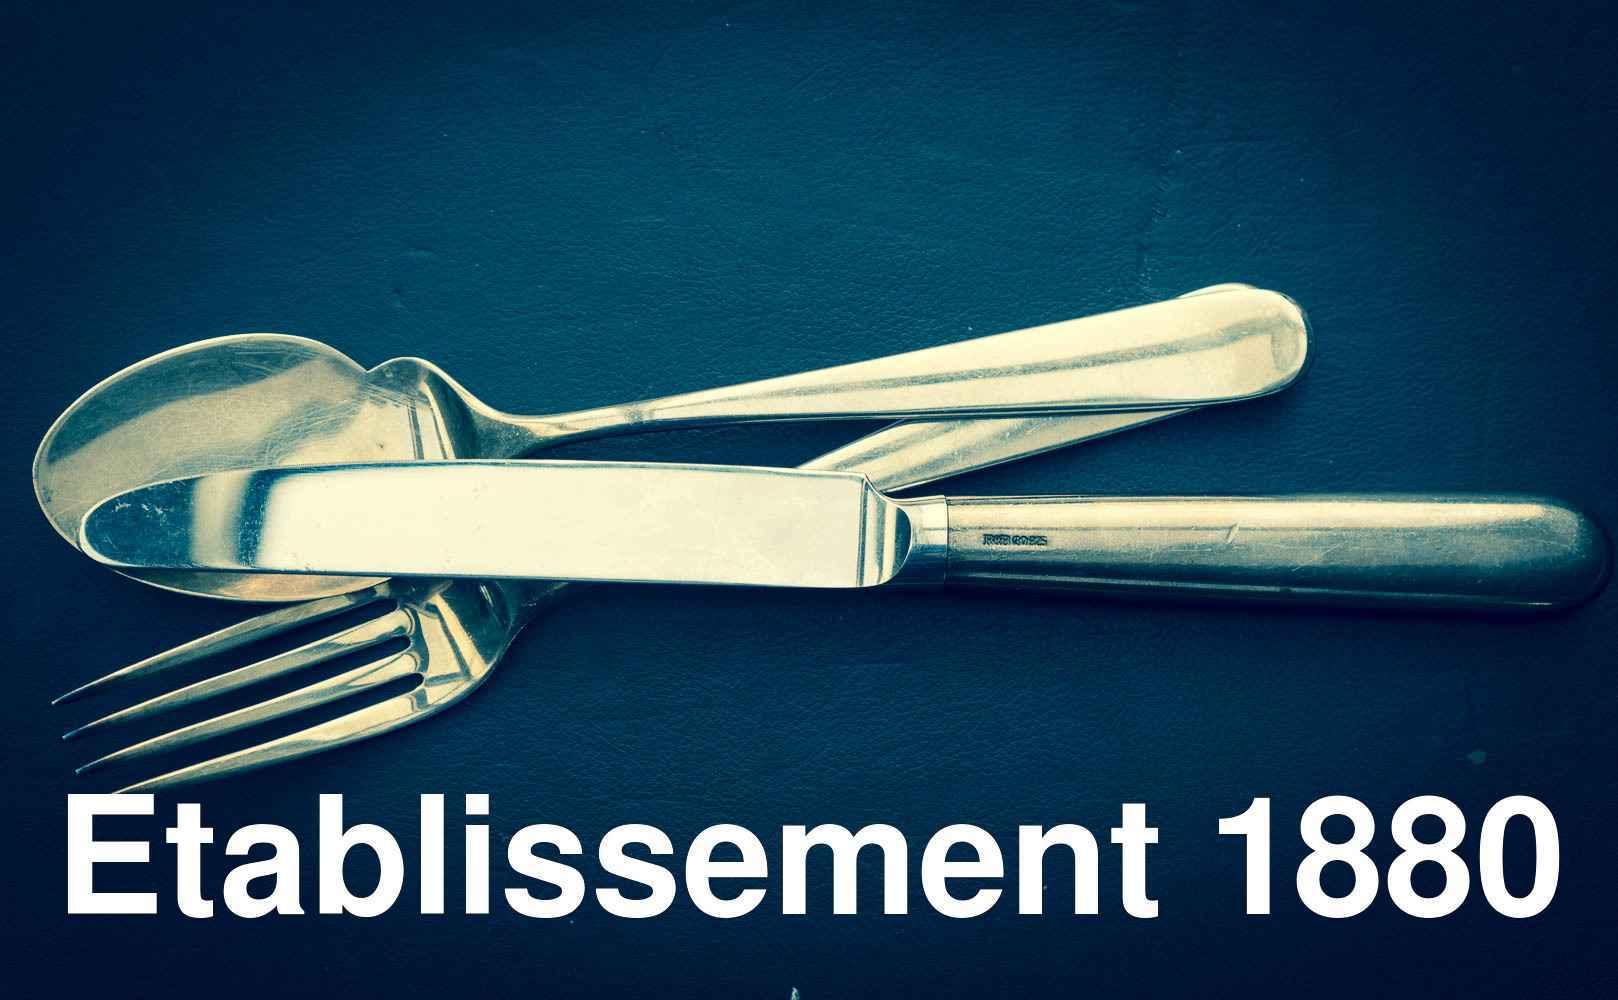 Restaurantkritik: Etablissement 1880 in Groede, Niederlande